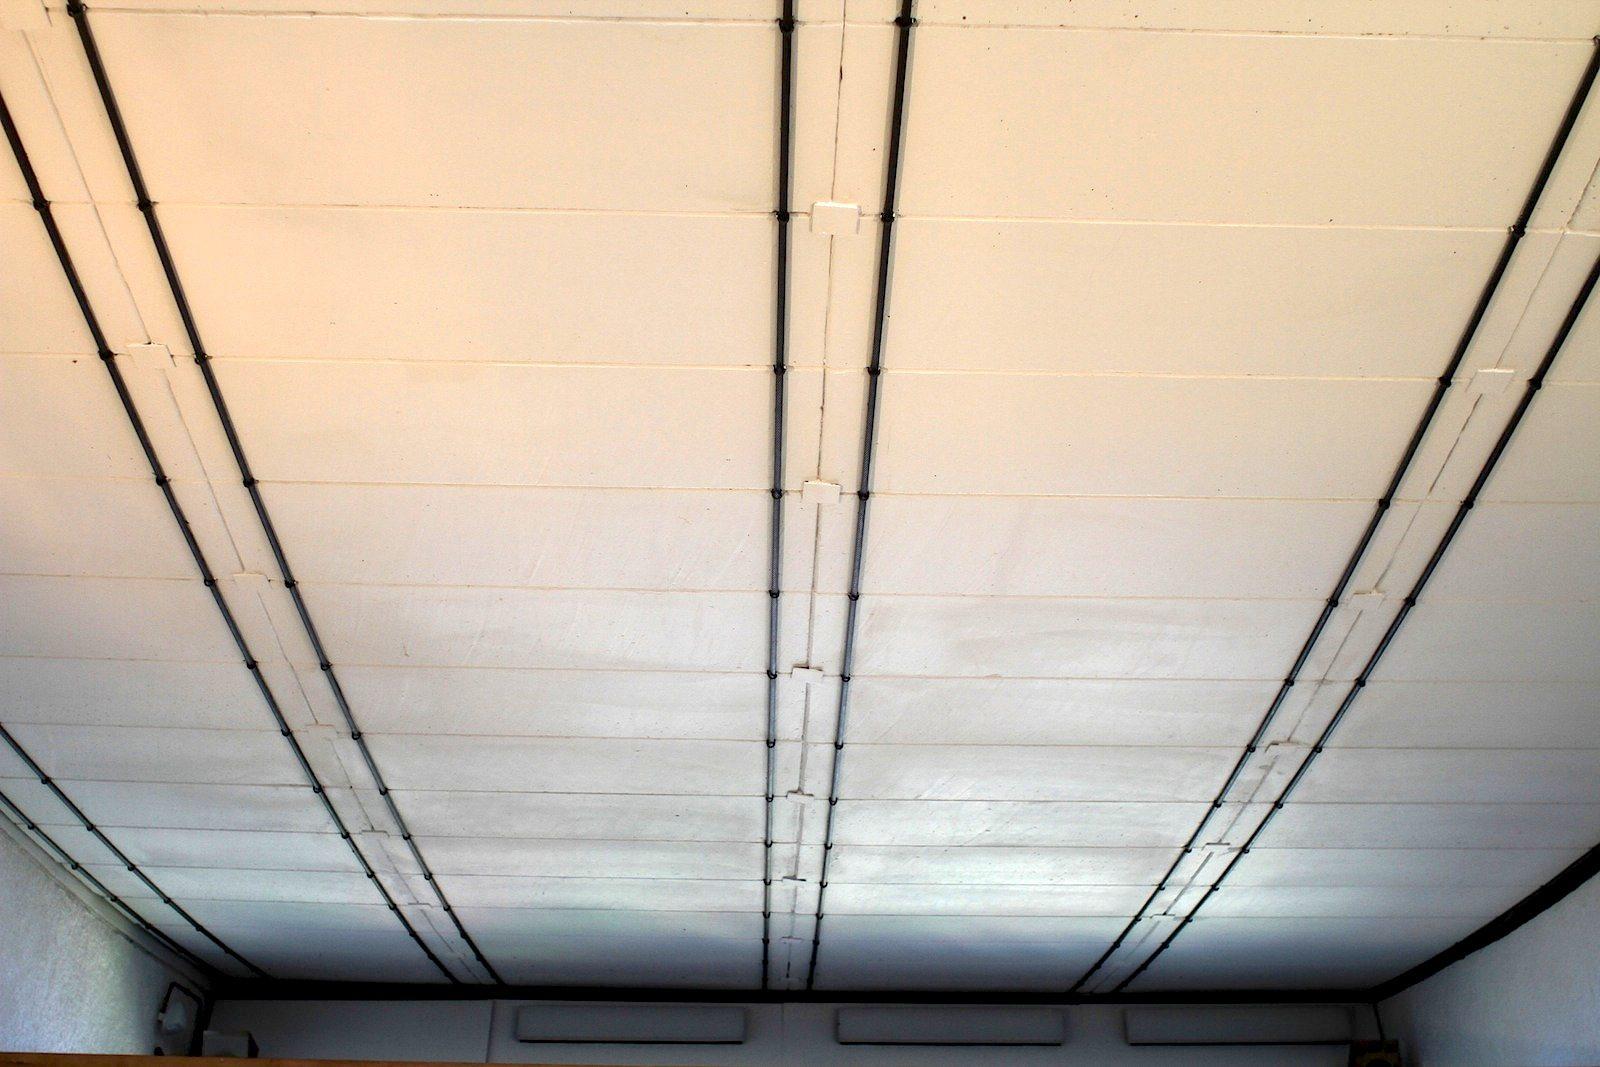 Maison de la Culture. Eine weitere Besonderheit des einzigen Le Corbusier-Baus seiner Art in Europa: das Hängedach mit den Stahlkabeln und den Betonplatten.